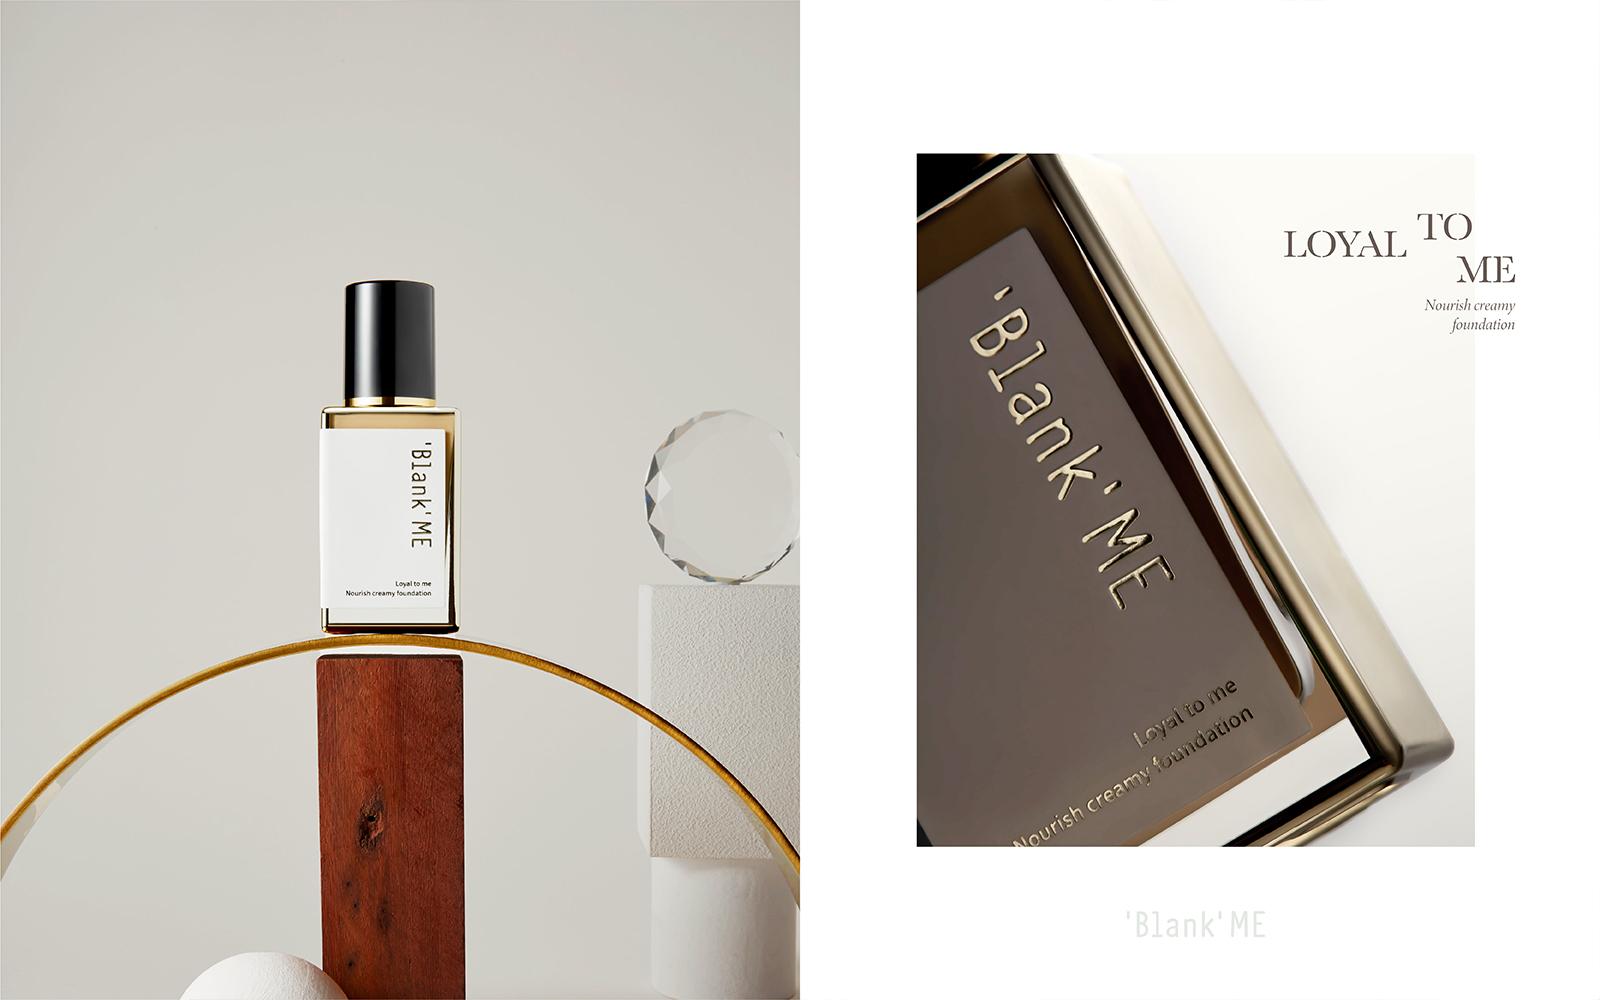 BlankME-品牌星球